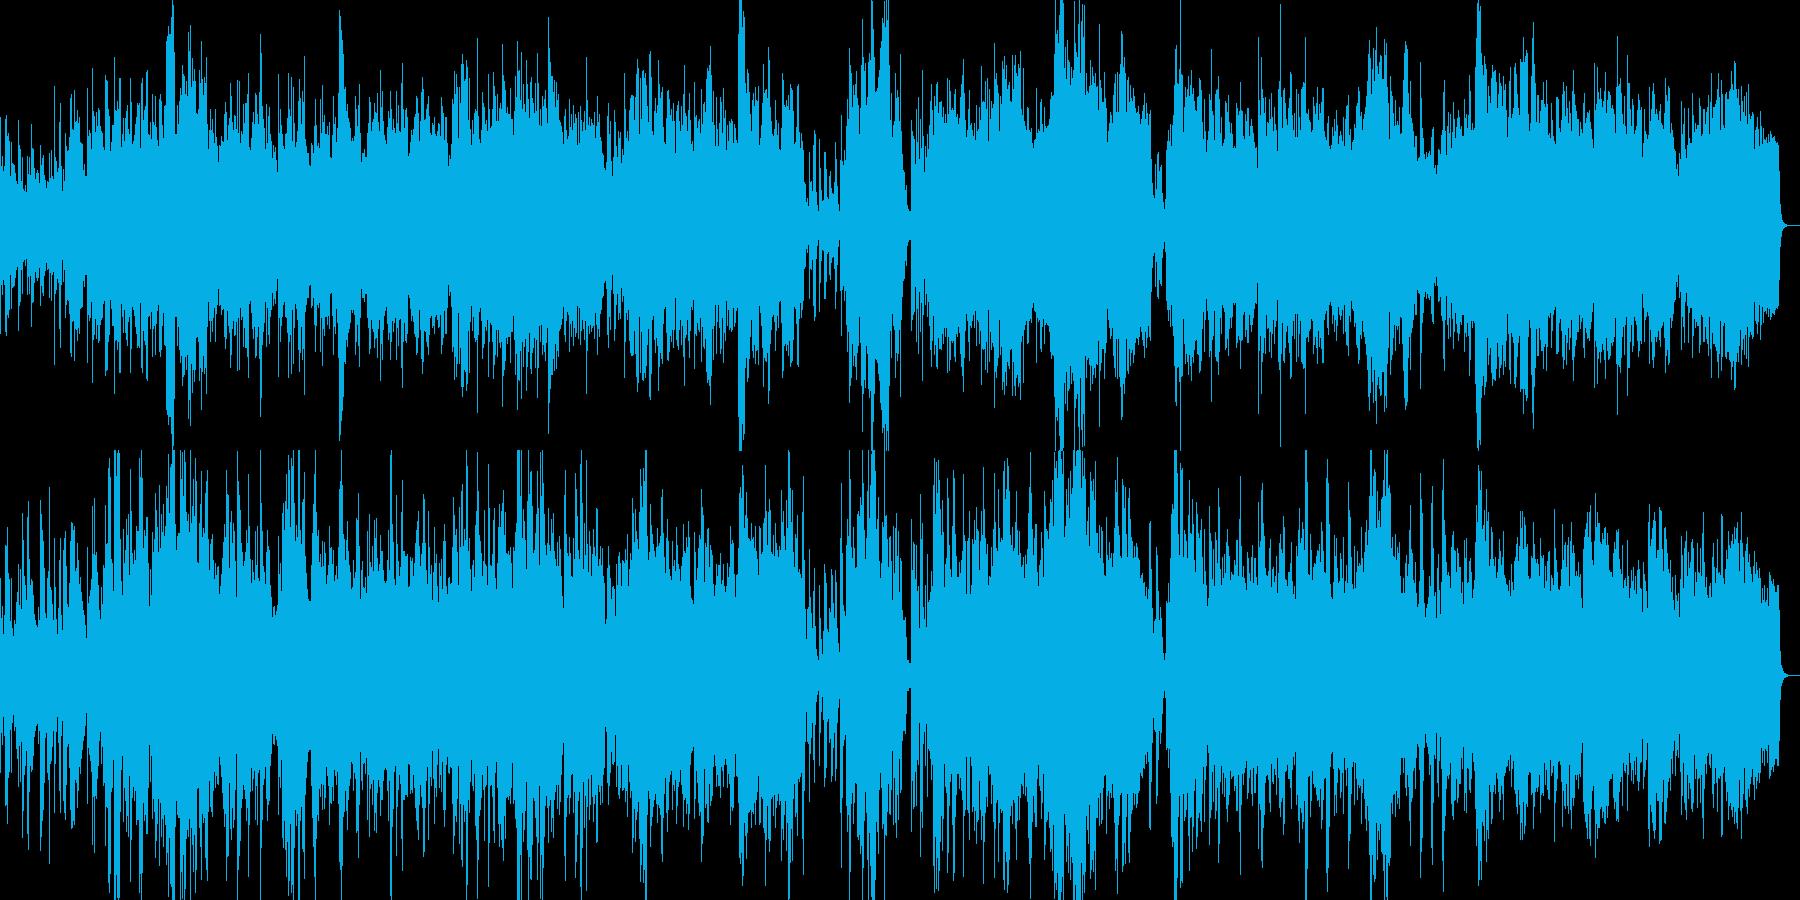 ピアノとストリングスの優しい雰囲気の楽曲の再生済みの波形